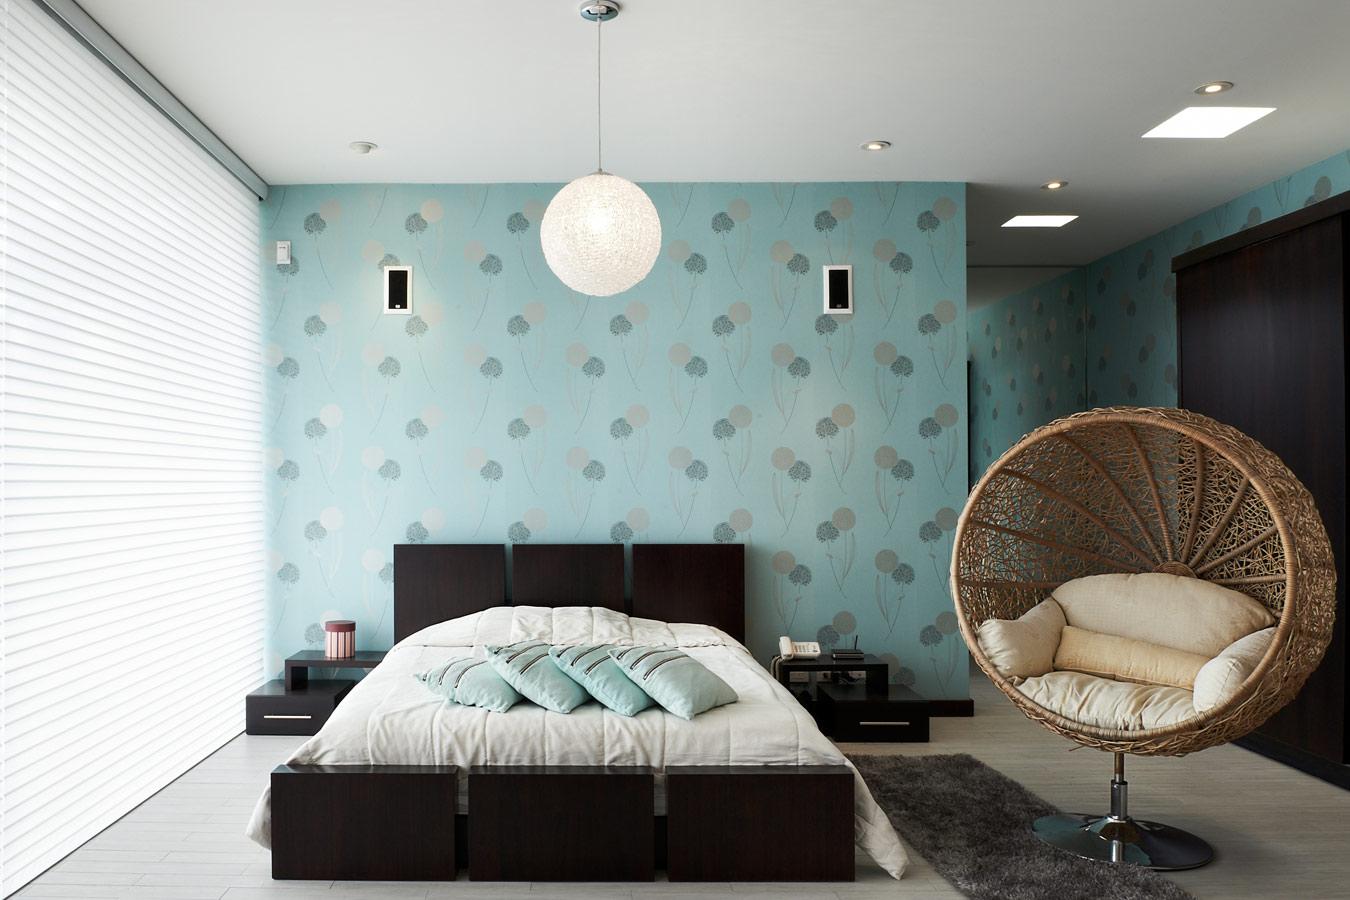 Inrichting Grote Slaapkamer : Moderne slaapkamer ideeën inspiratie